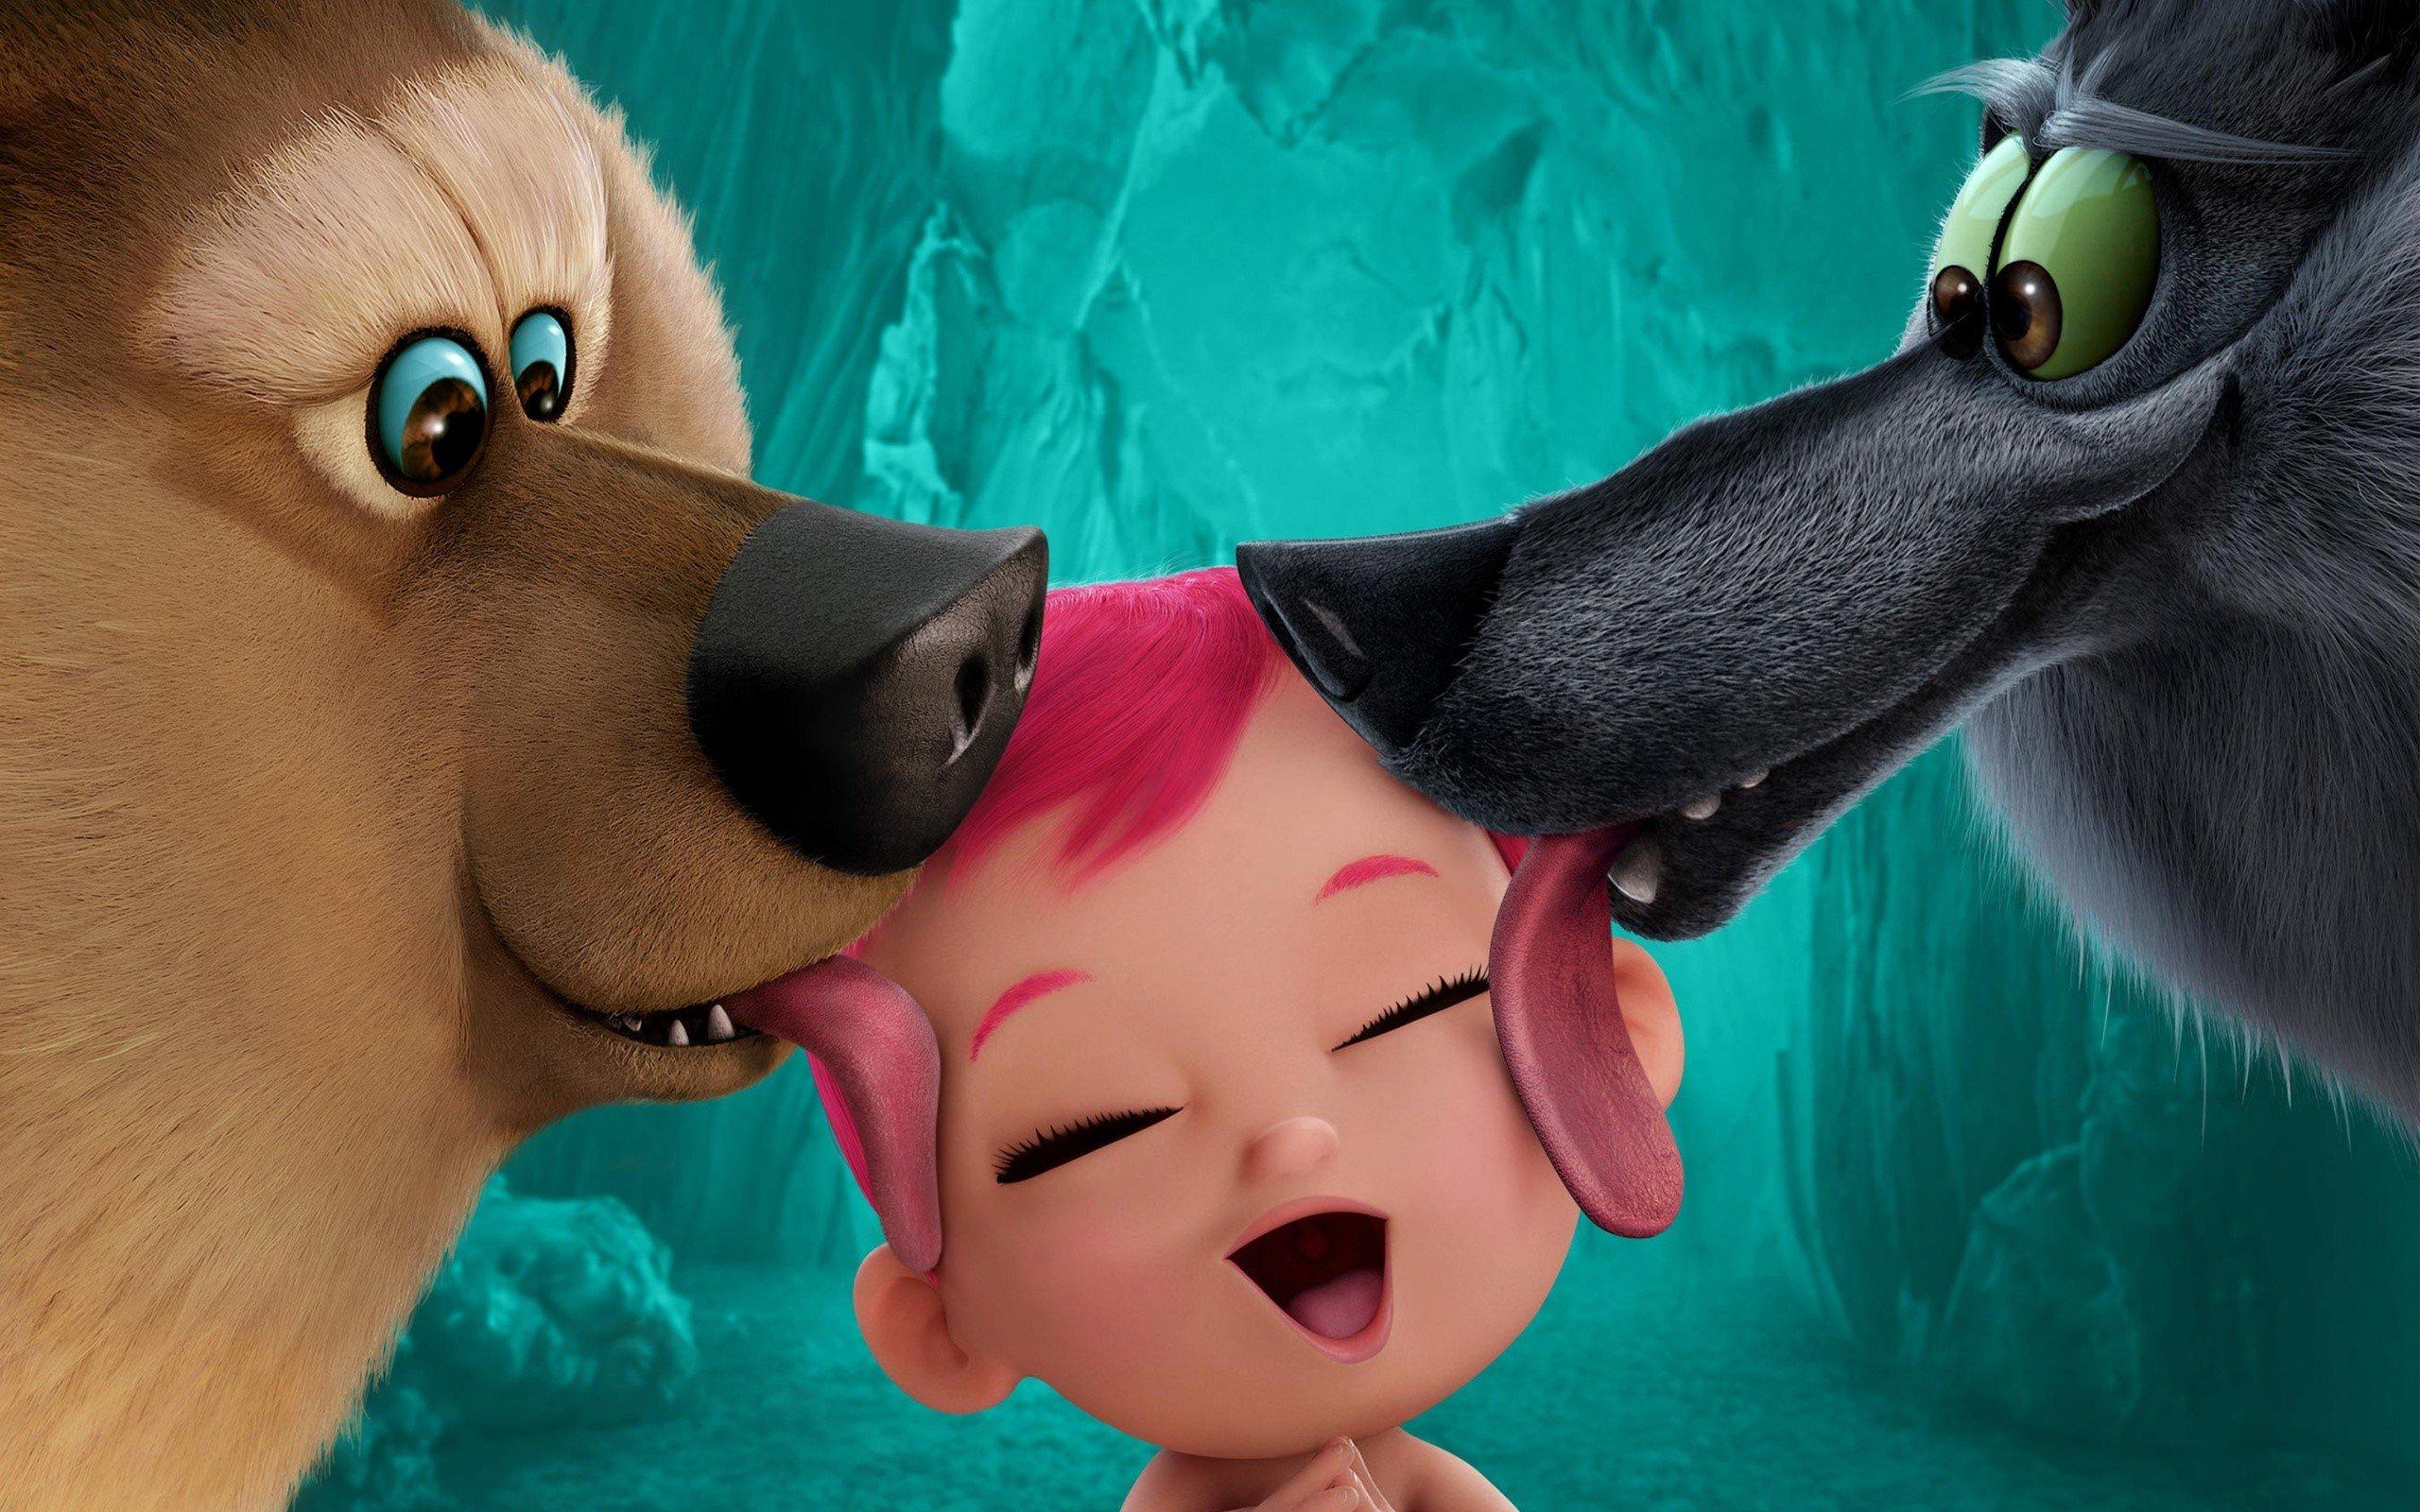 Fondos de pantalla Lobos y bebé de película La cigüeña